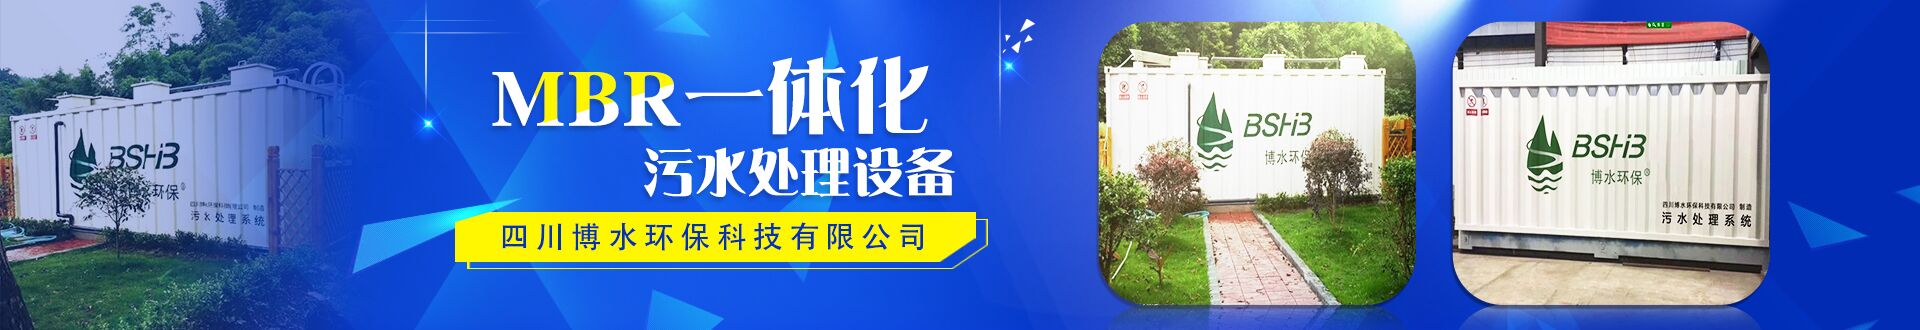 四川博水环保科技有限公司销售部